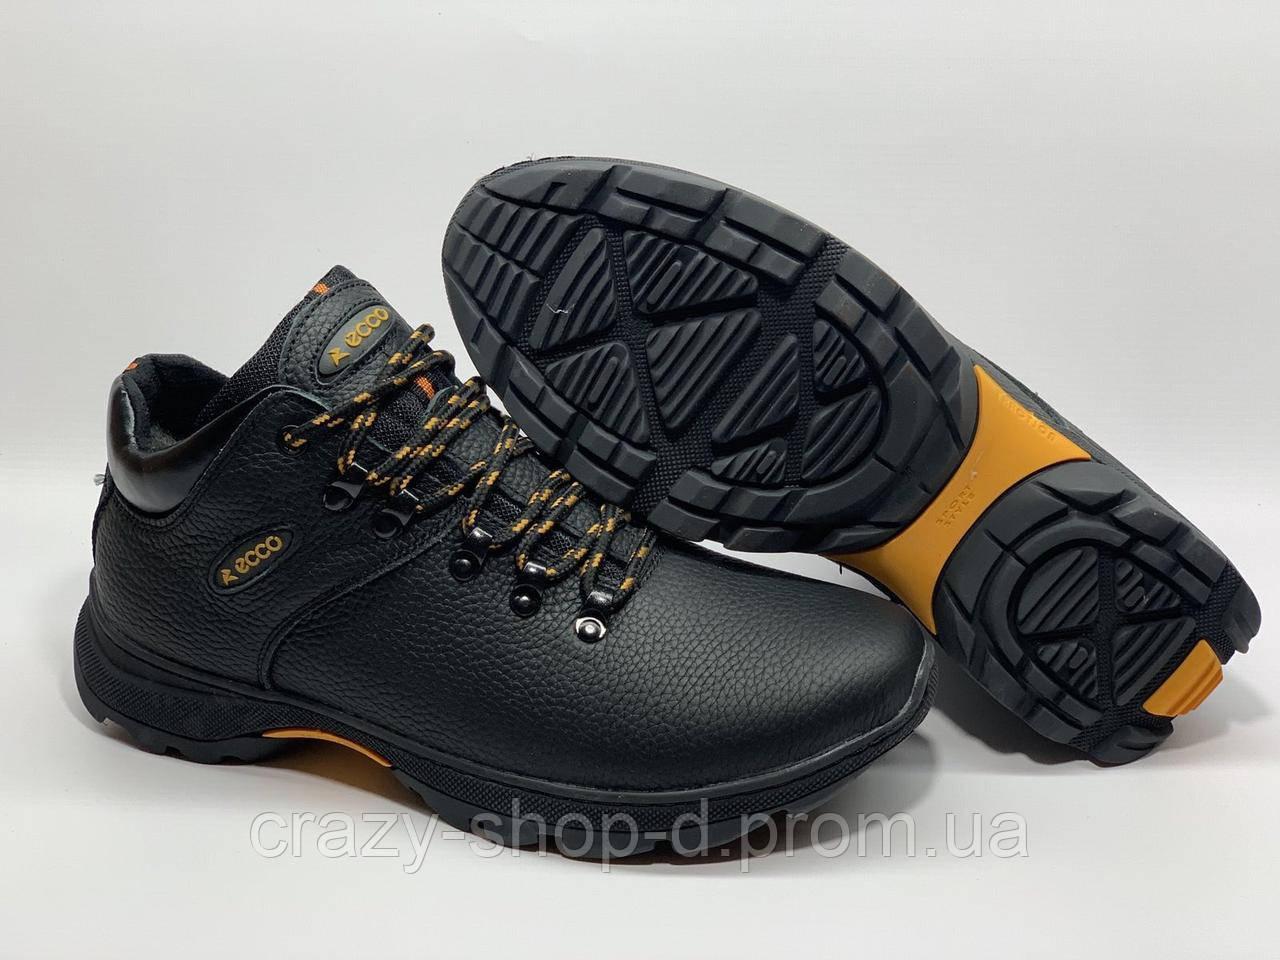 Зимние кожаные мужские ботинки в стиле Ecco чёрные